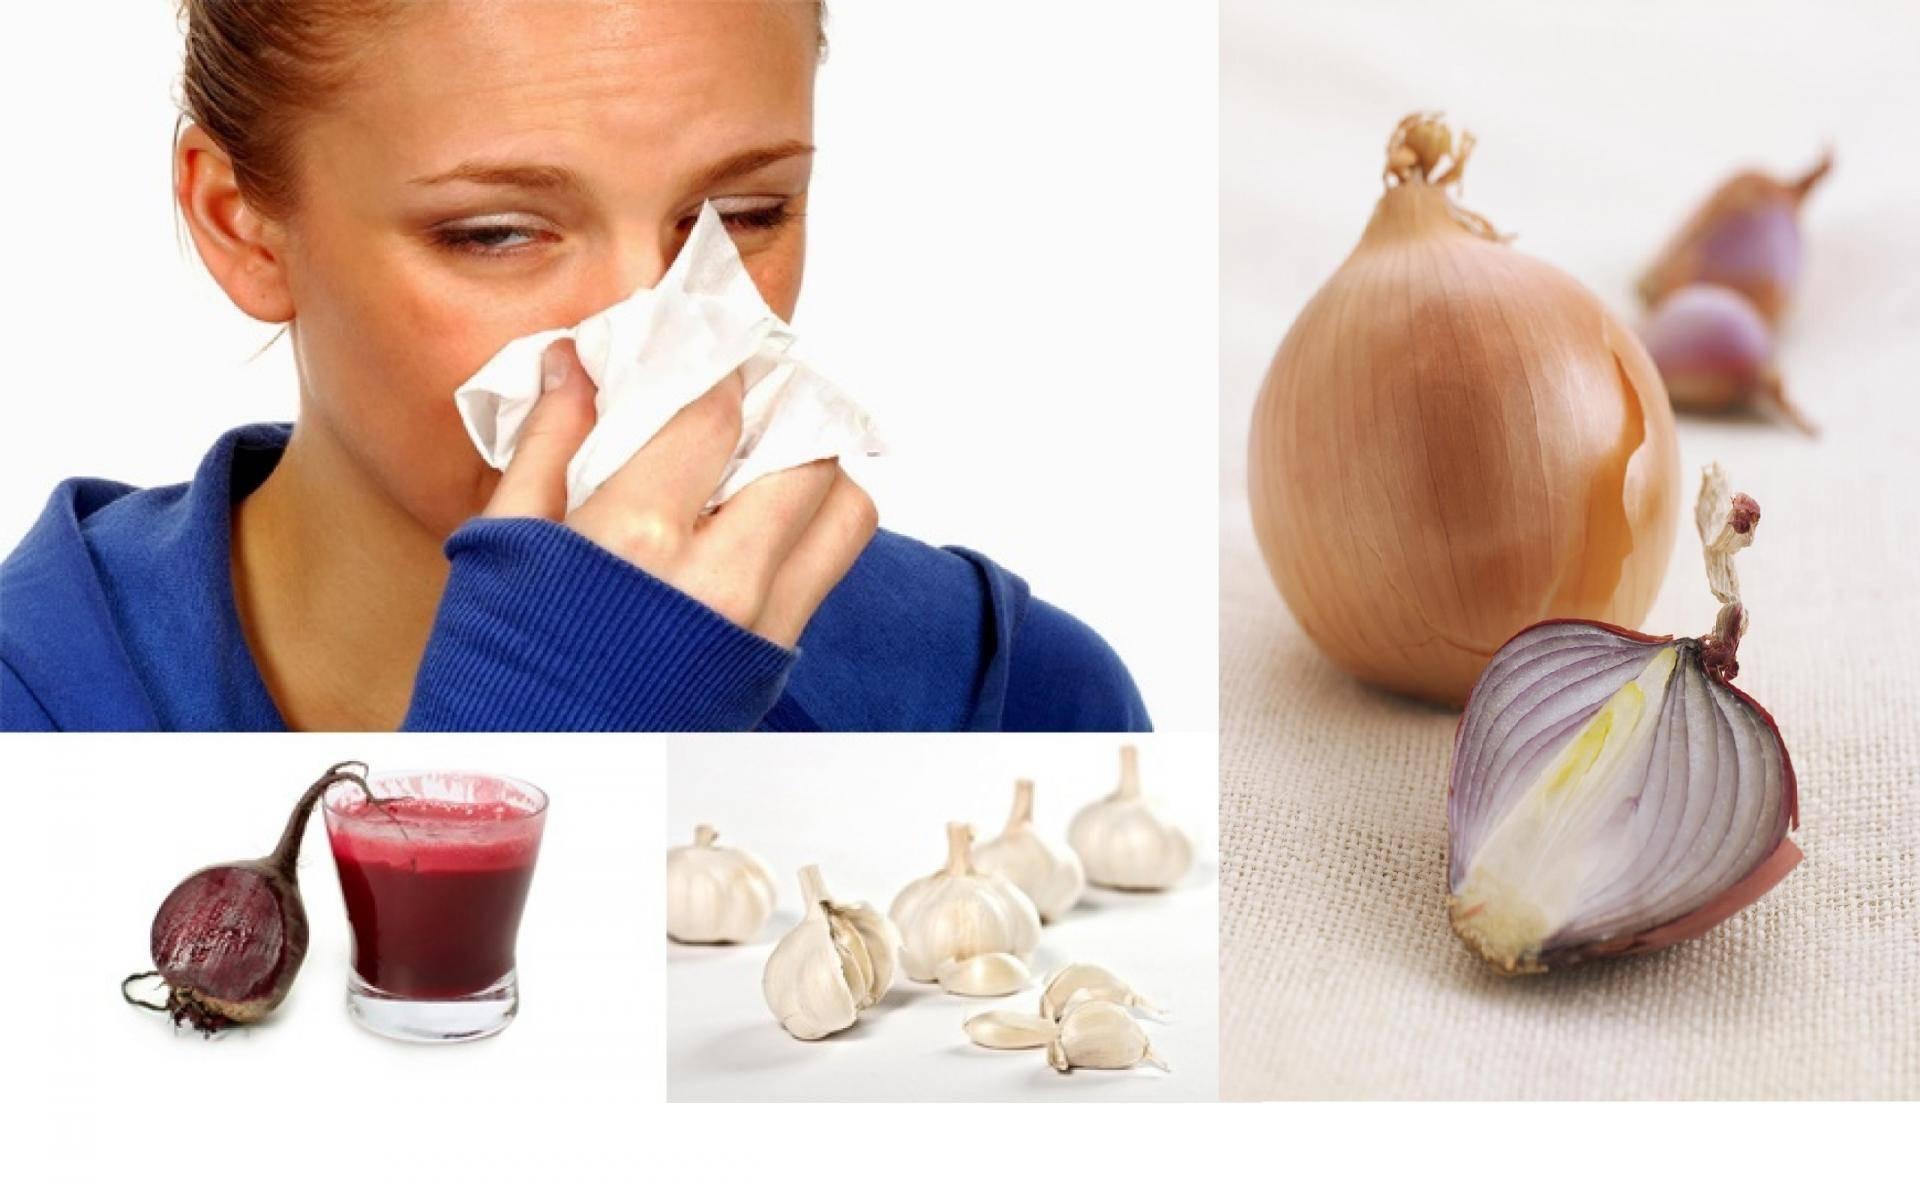 Лечение насморка у детей до 1 года народными средствами – про насморк